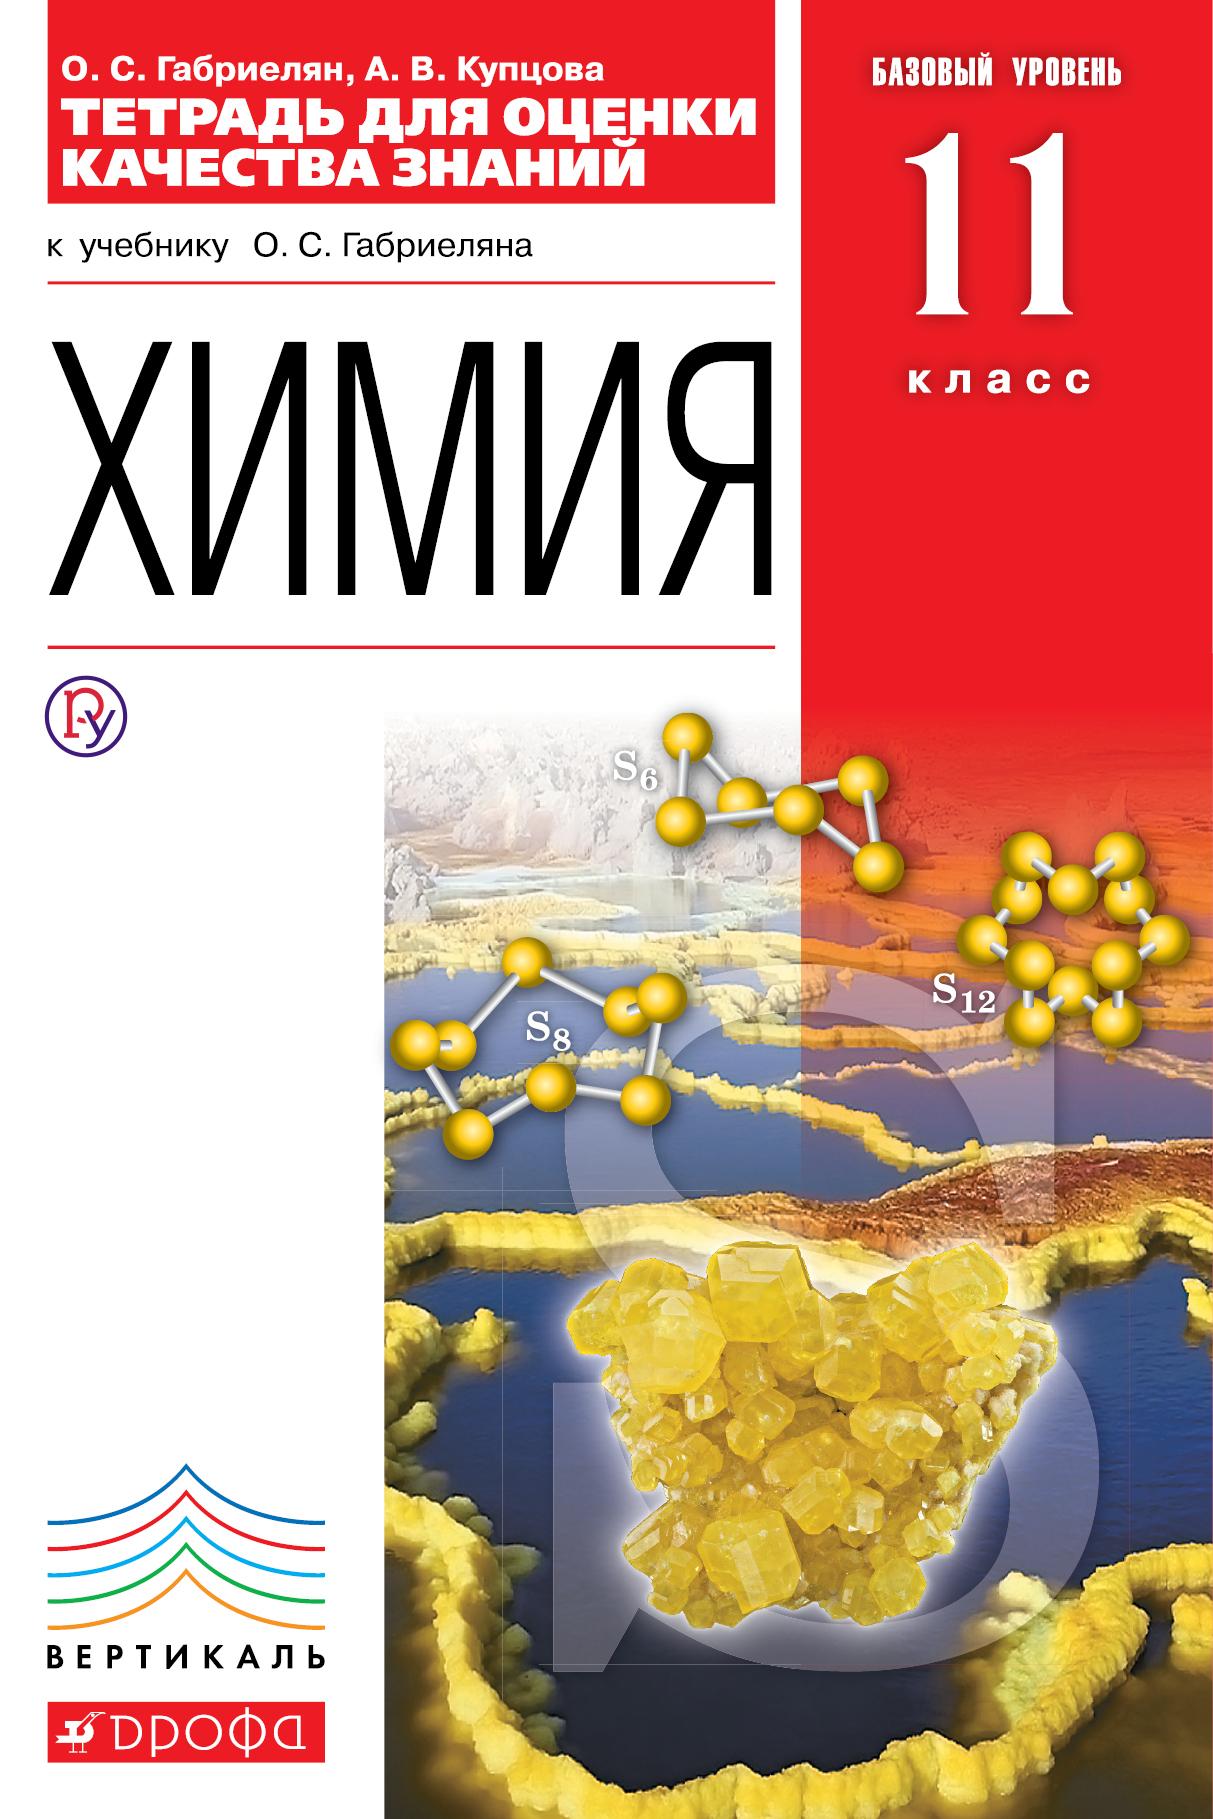 Габриелян О.С., Купцова А.В. Химия. Базовый уровень. 11 класс. Тетрадь для оценки качества знаний